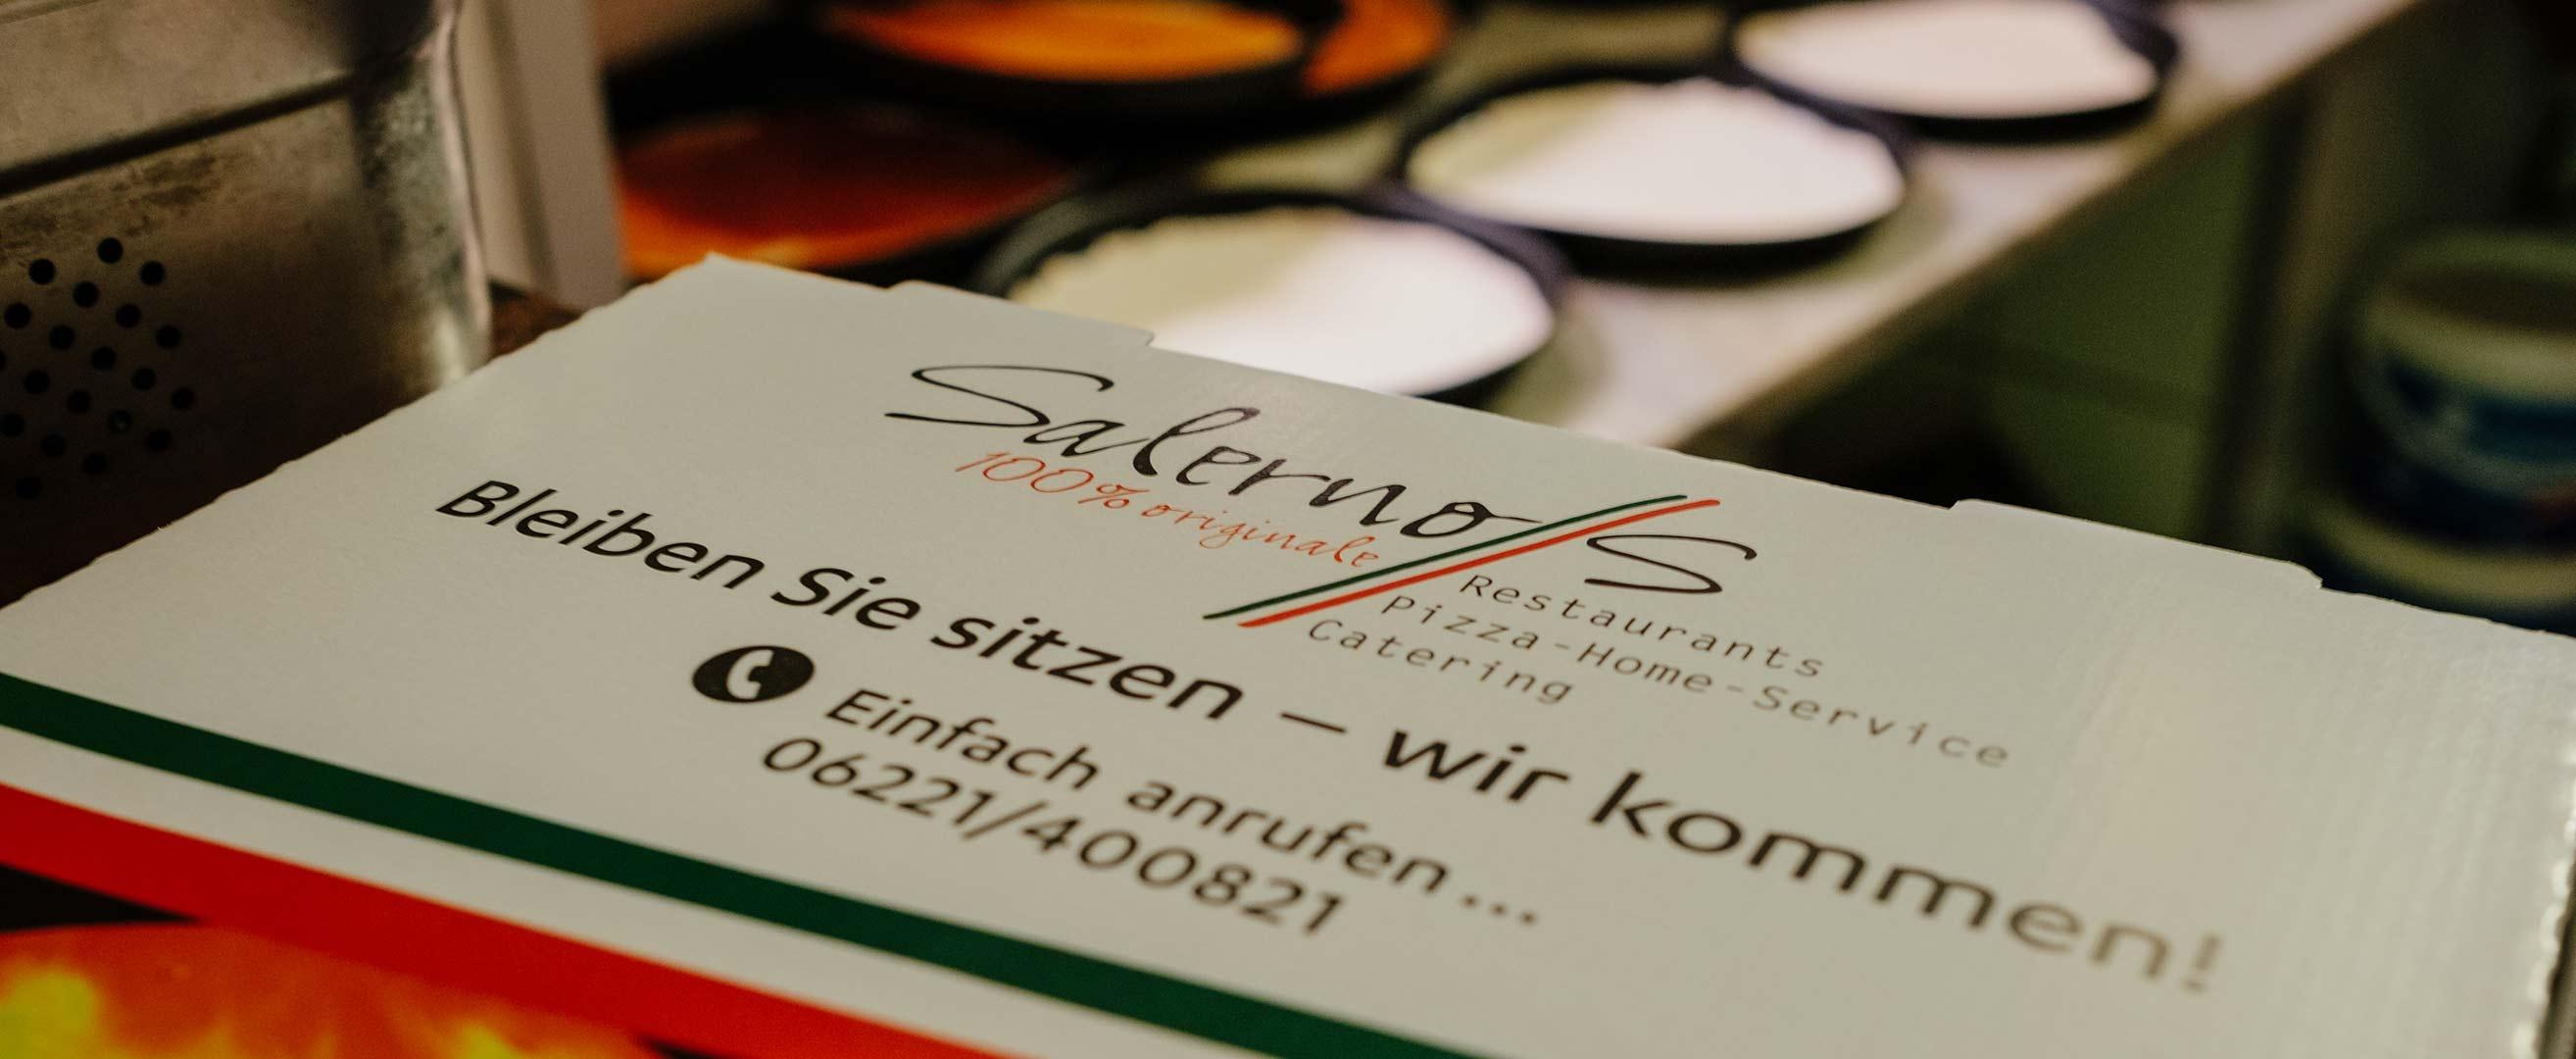 pizza lieferservice restaurant salerno s heidelberg. Black Bedroom Furniture Sets. Home Design Ideas